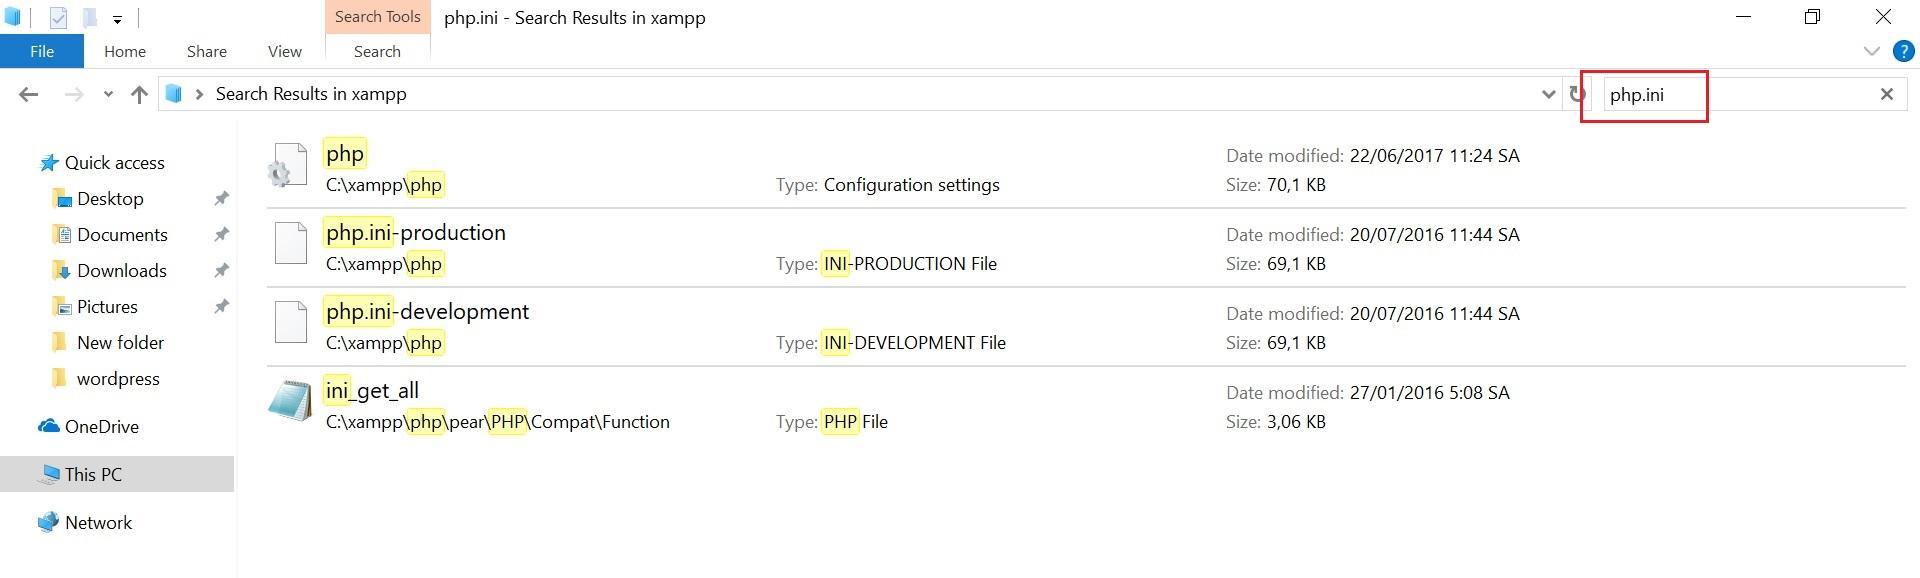 Tim kiem tap tin php.ini trong thu muc XAMPP